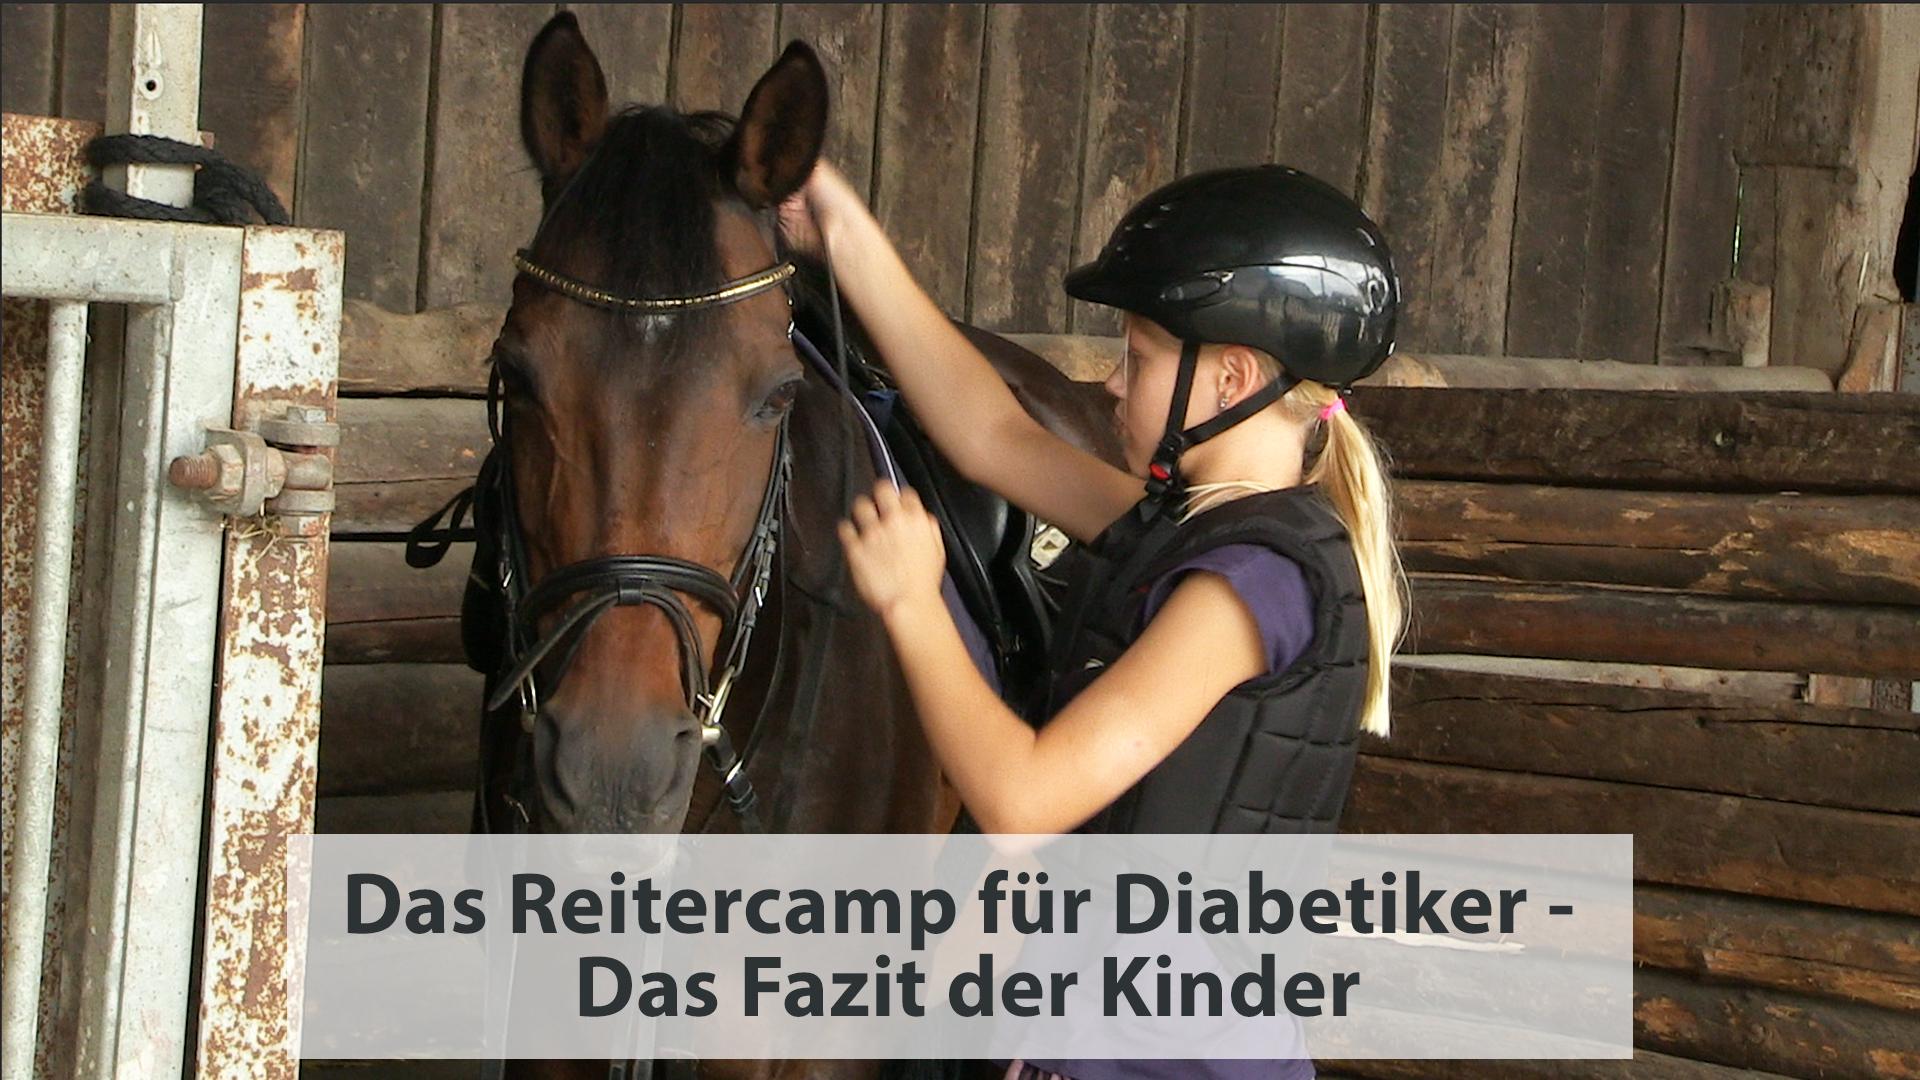 Das Reitercamp für Diabetiker – Das Fazit der Kinder